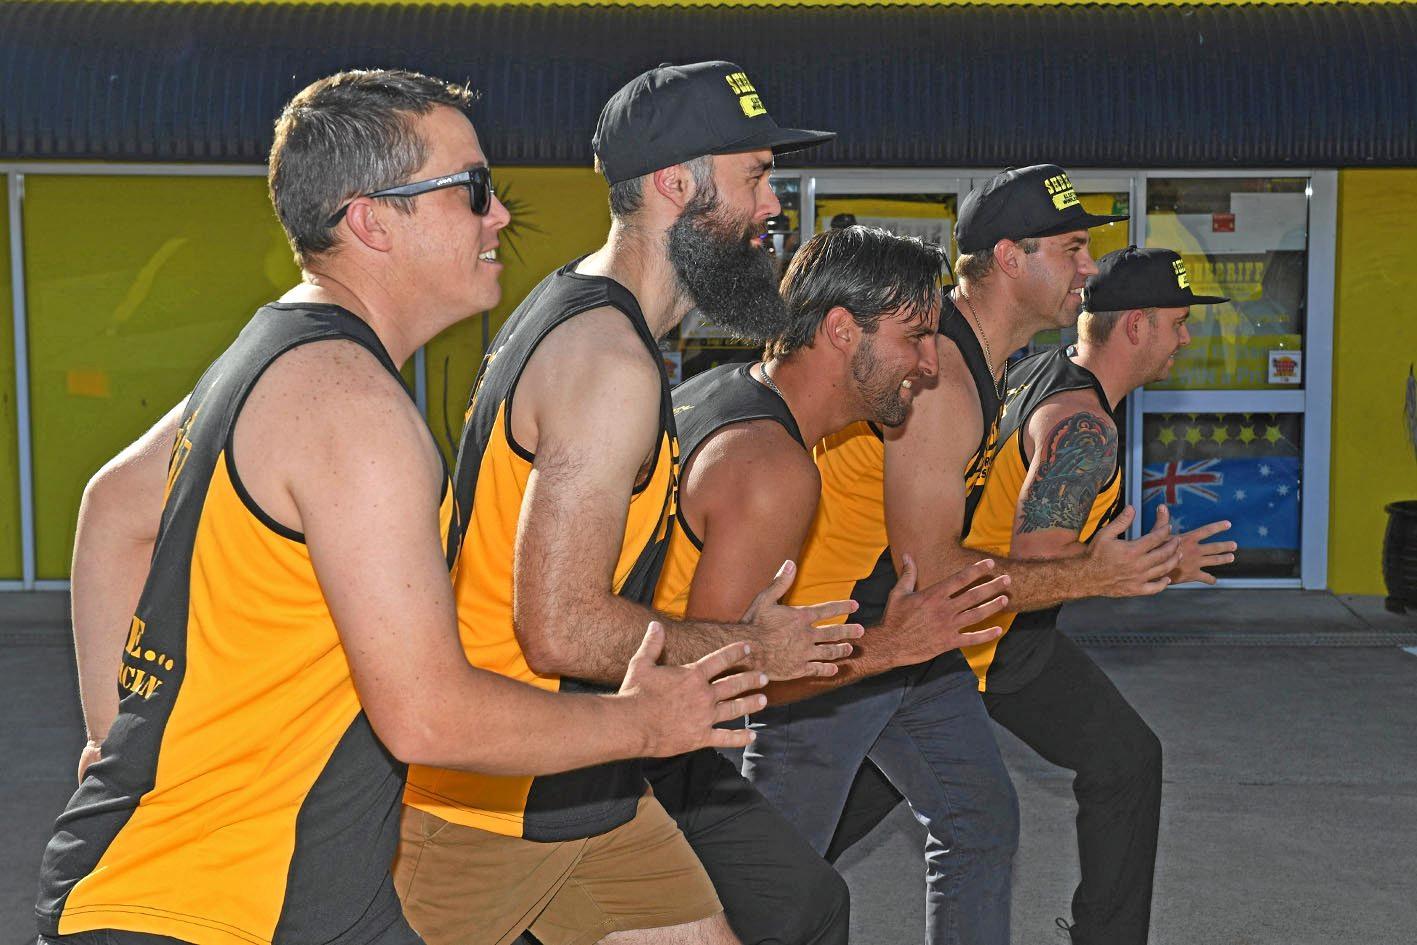 Doug Rose, Dale Tucker, Tadd Marturano, Dean walker, Harry Johnston preparing for 1440km run for mens health.